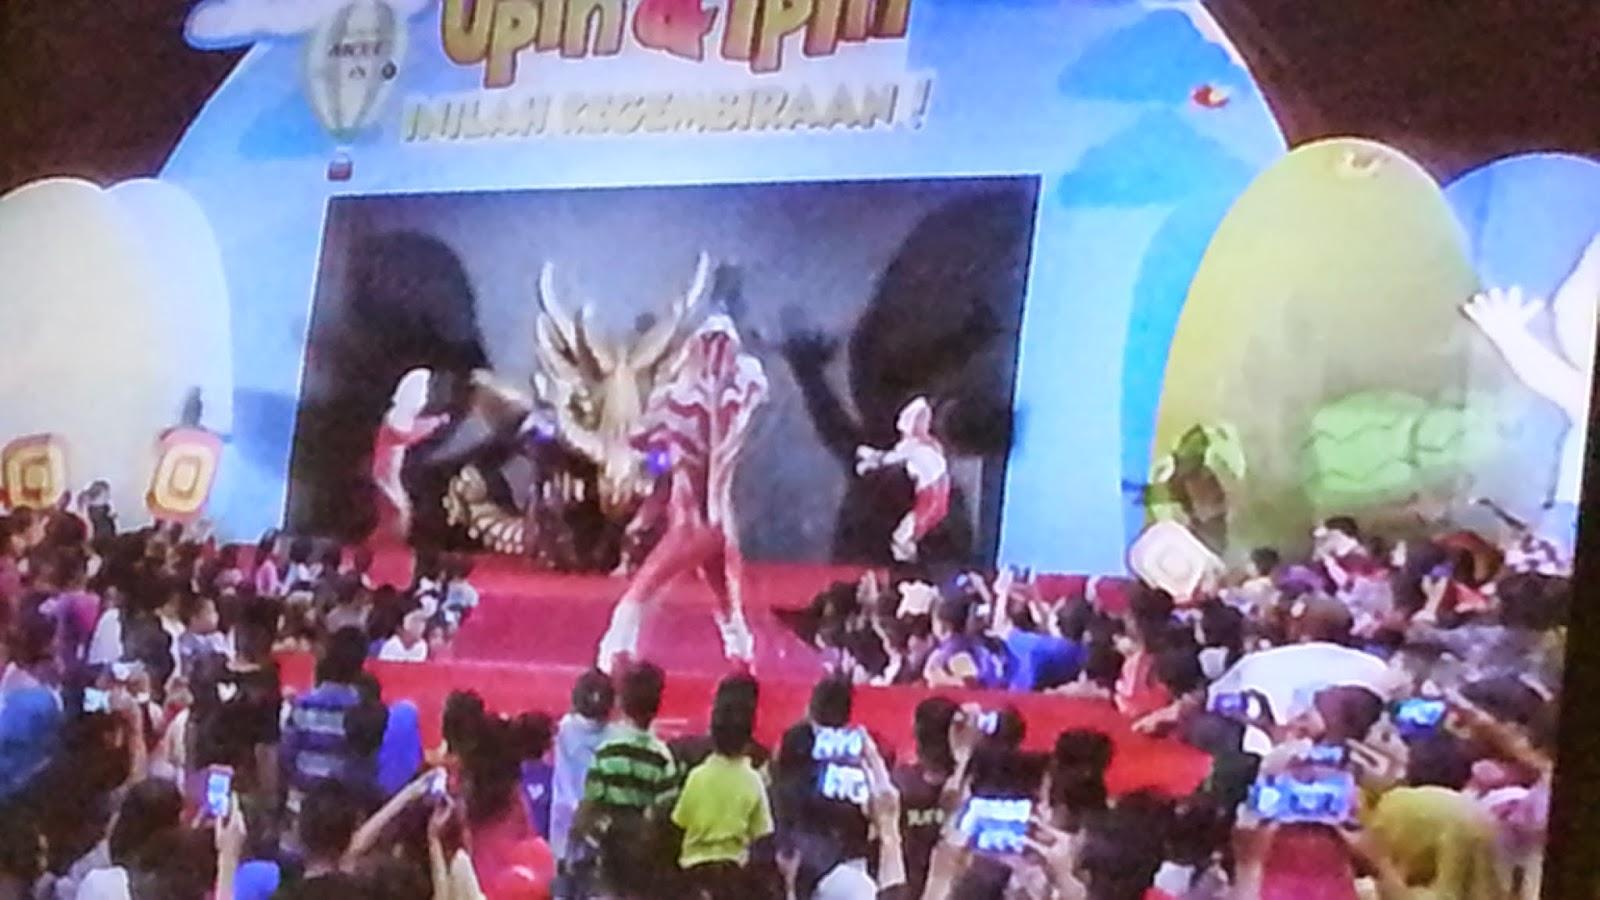 Karnival Upin Ipin 2014, PICC